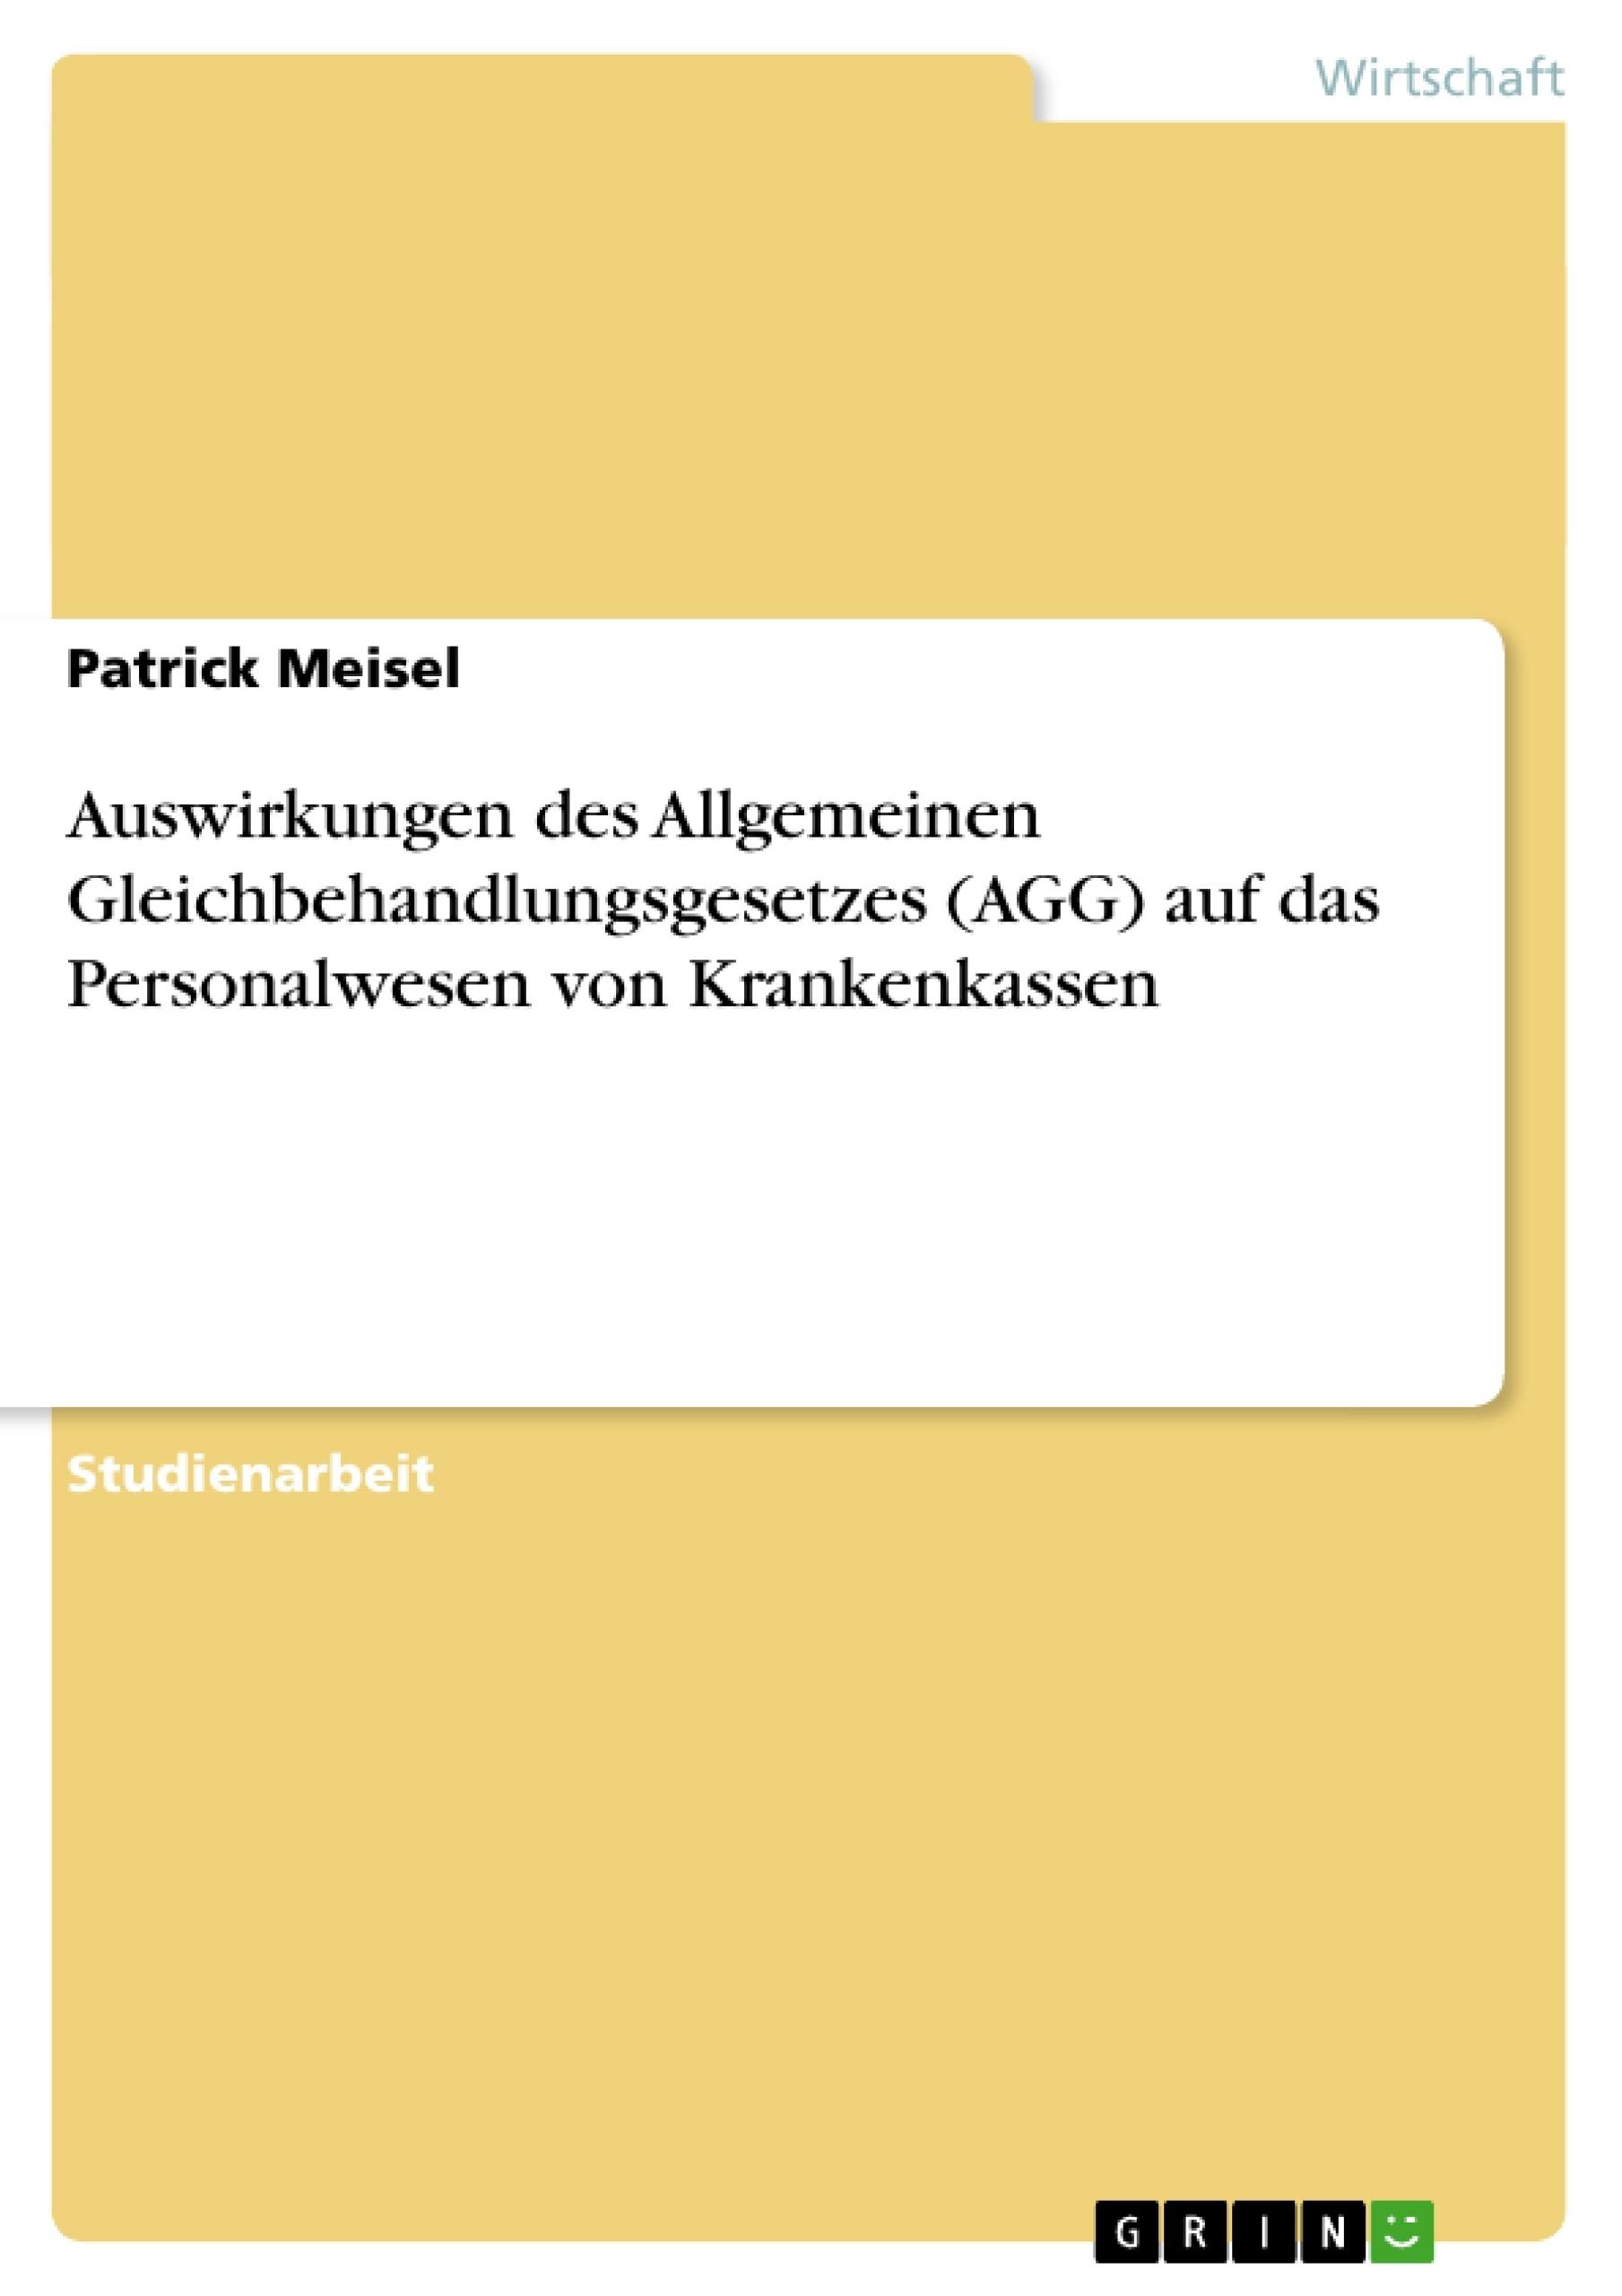 Titel: Auswirkungen des Allgemeinen Gleichbehandlungsgesetzes (AGG) auf das Personalwesen von Krankenkassen